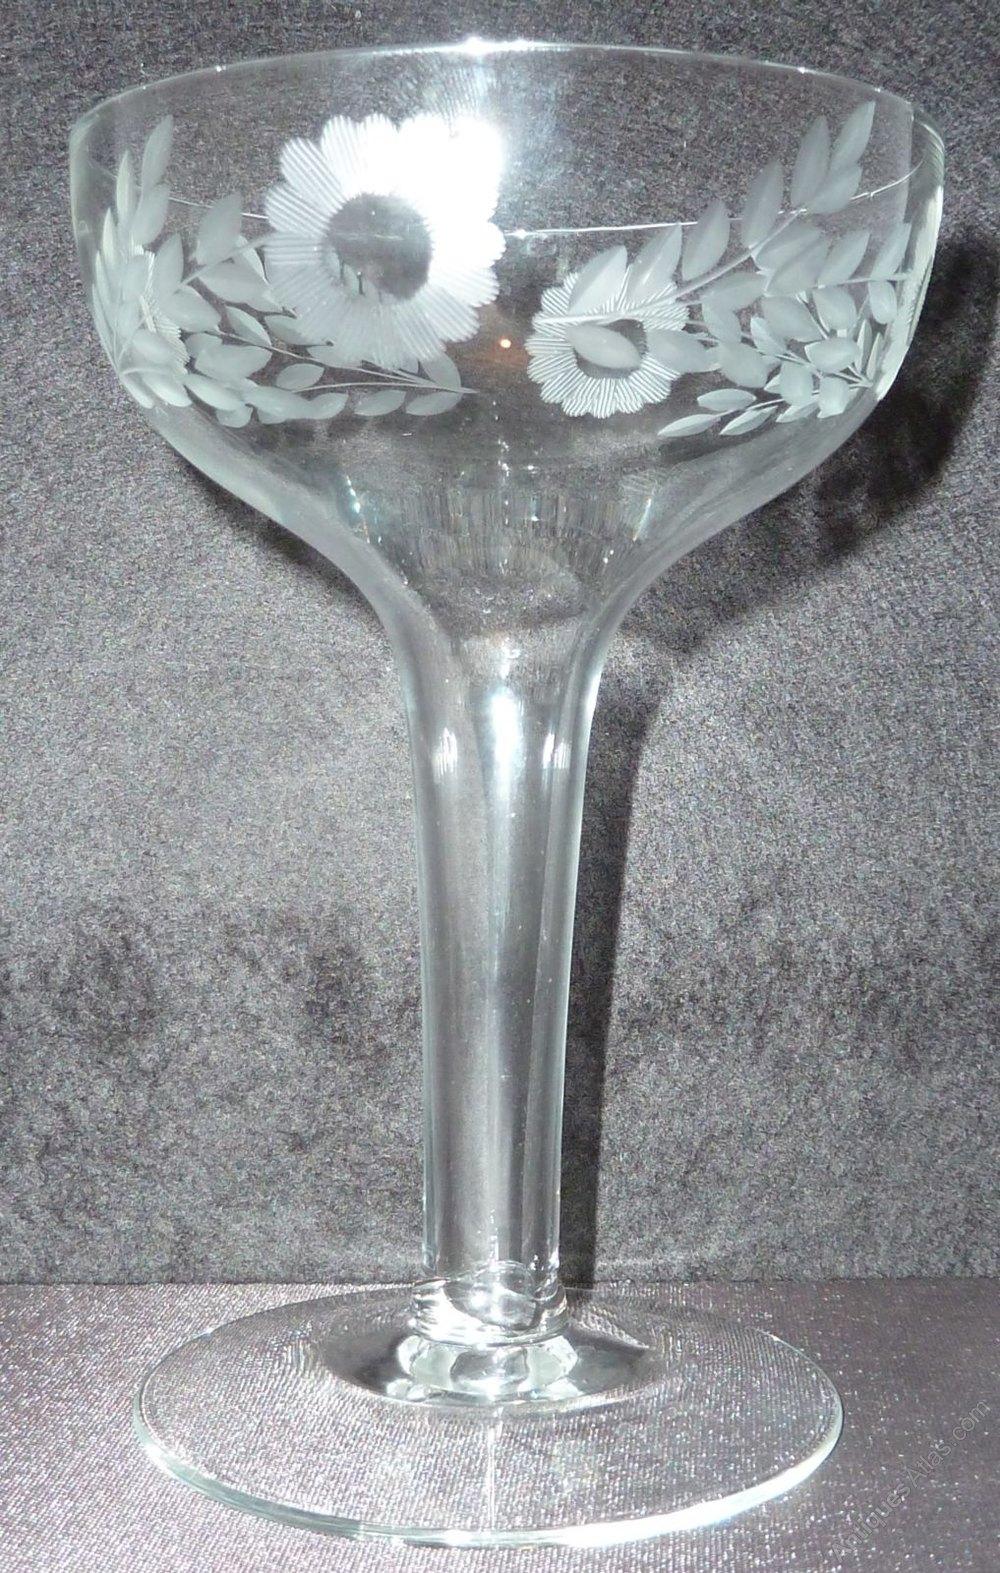 Antiques atlas set 4 1940 39 s hollow stem champagne glasses bowls - Hollow stem champagne glasses ...